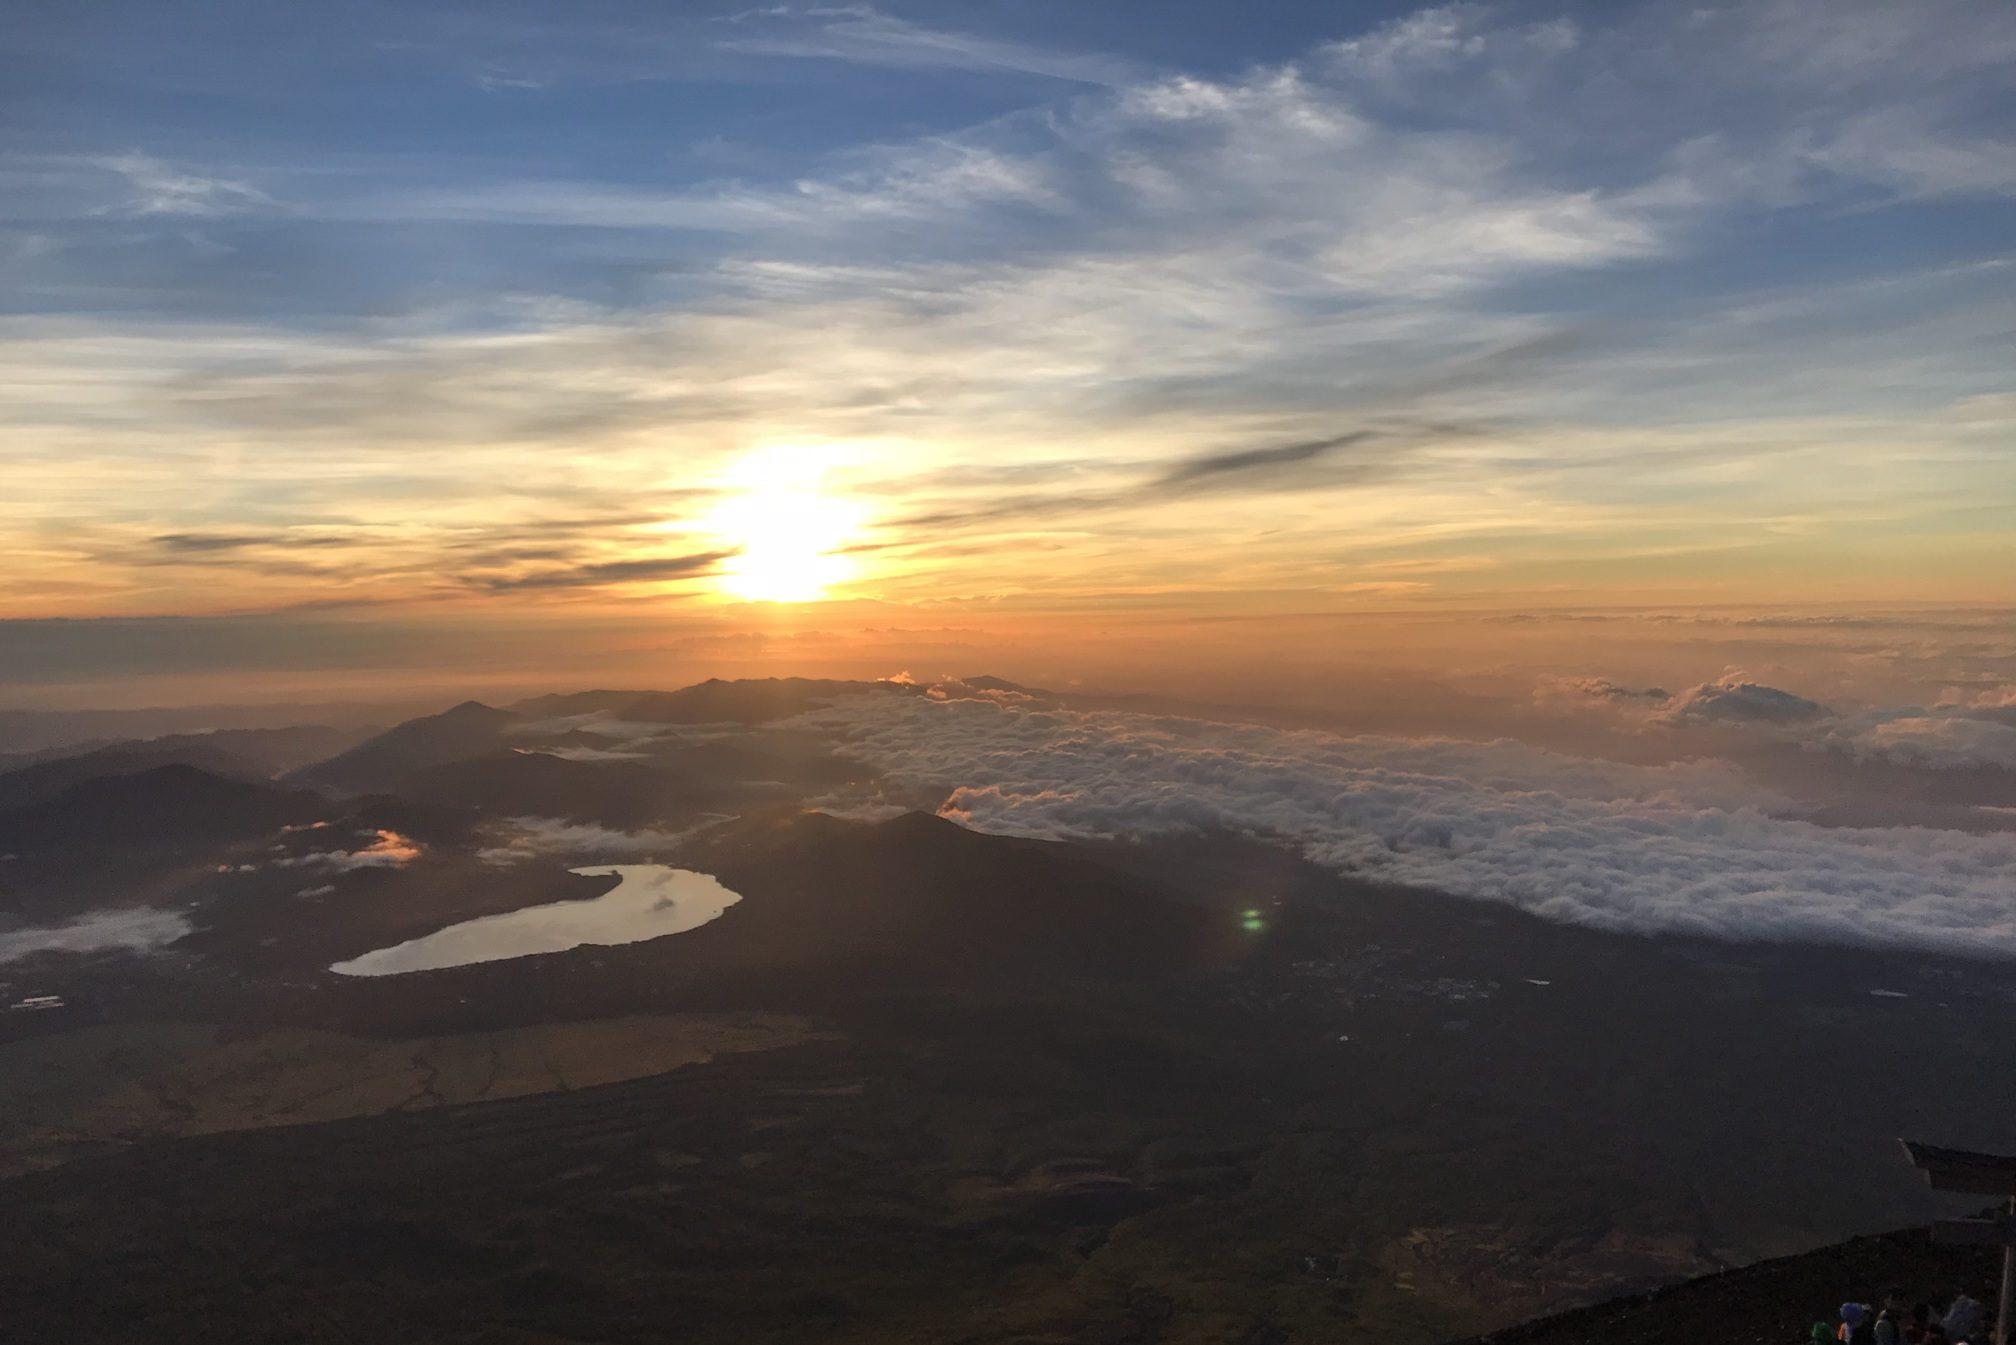 Mt. Fuji climb: A tale of transformation